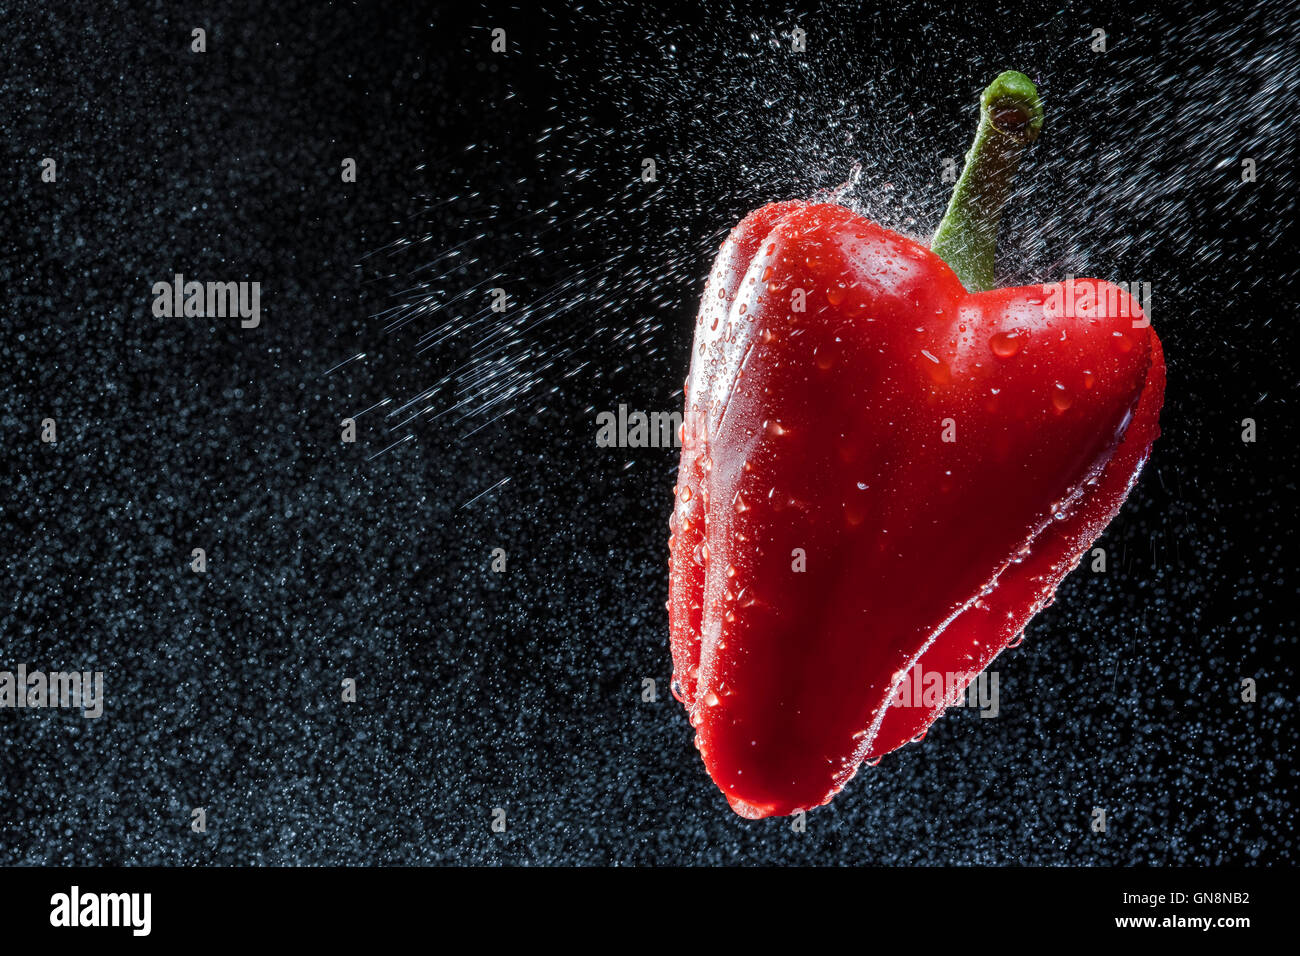 Pimiento rojo en un spray contra un fondo negro. Una serie de frutas y verduras en movimiento. Imagen De Stock